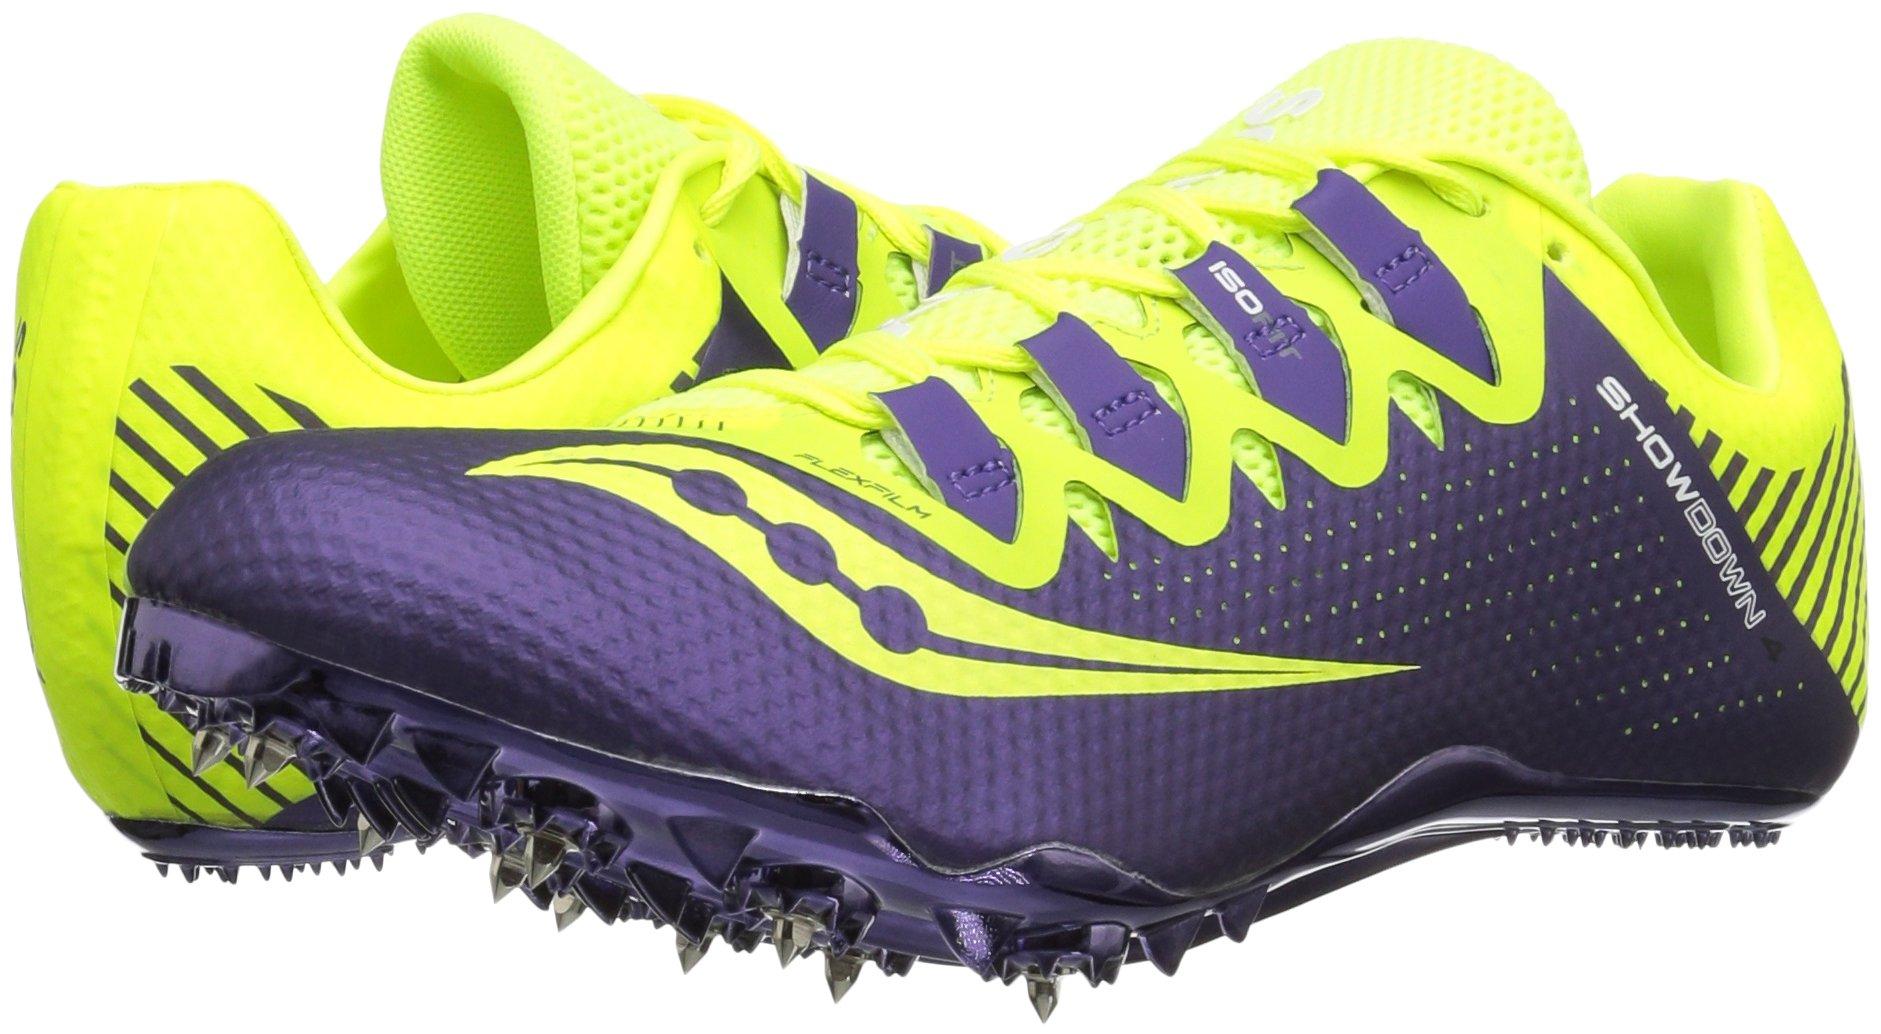 Saucony Women's Showdown 4 Track Shoe, Citron/Purple, 9.5 M US by Saucony (Image #6)